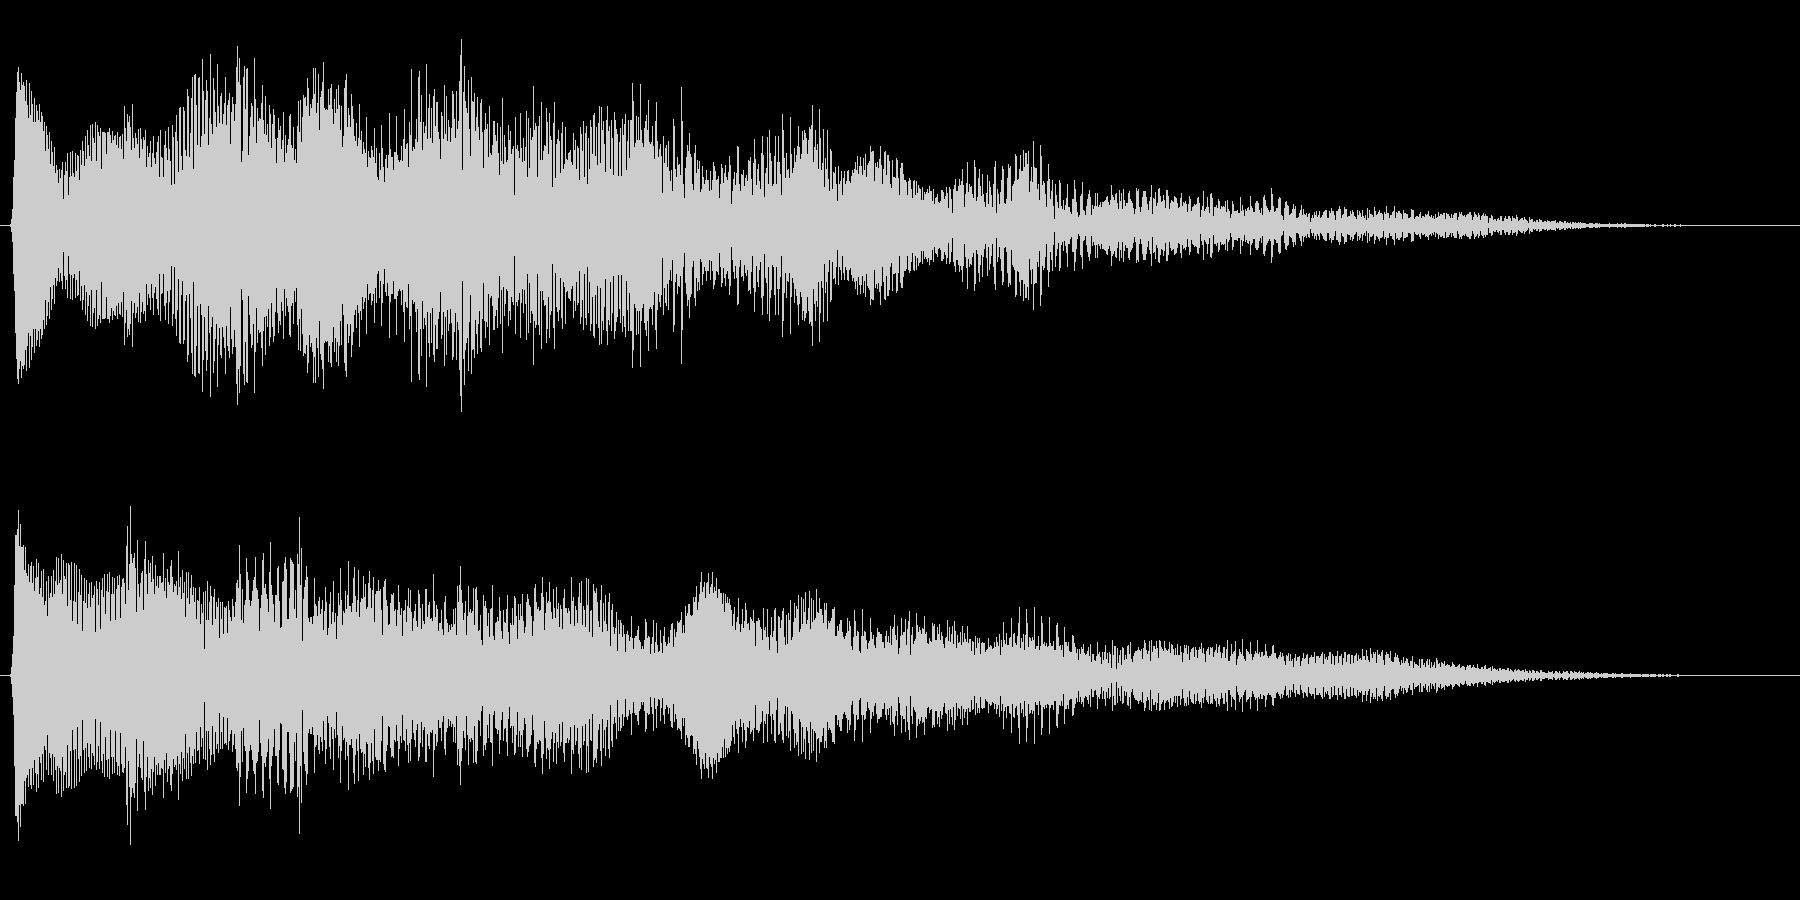 キラキラリーン/美しいリバーブベル上昇音の未再生の波形